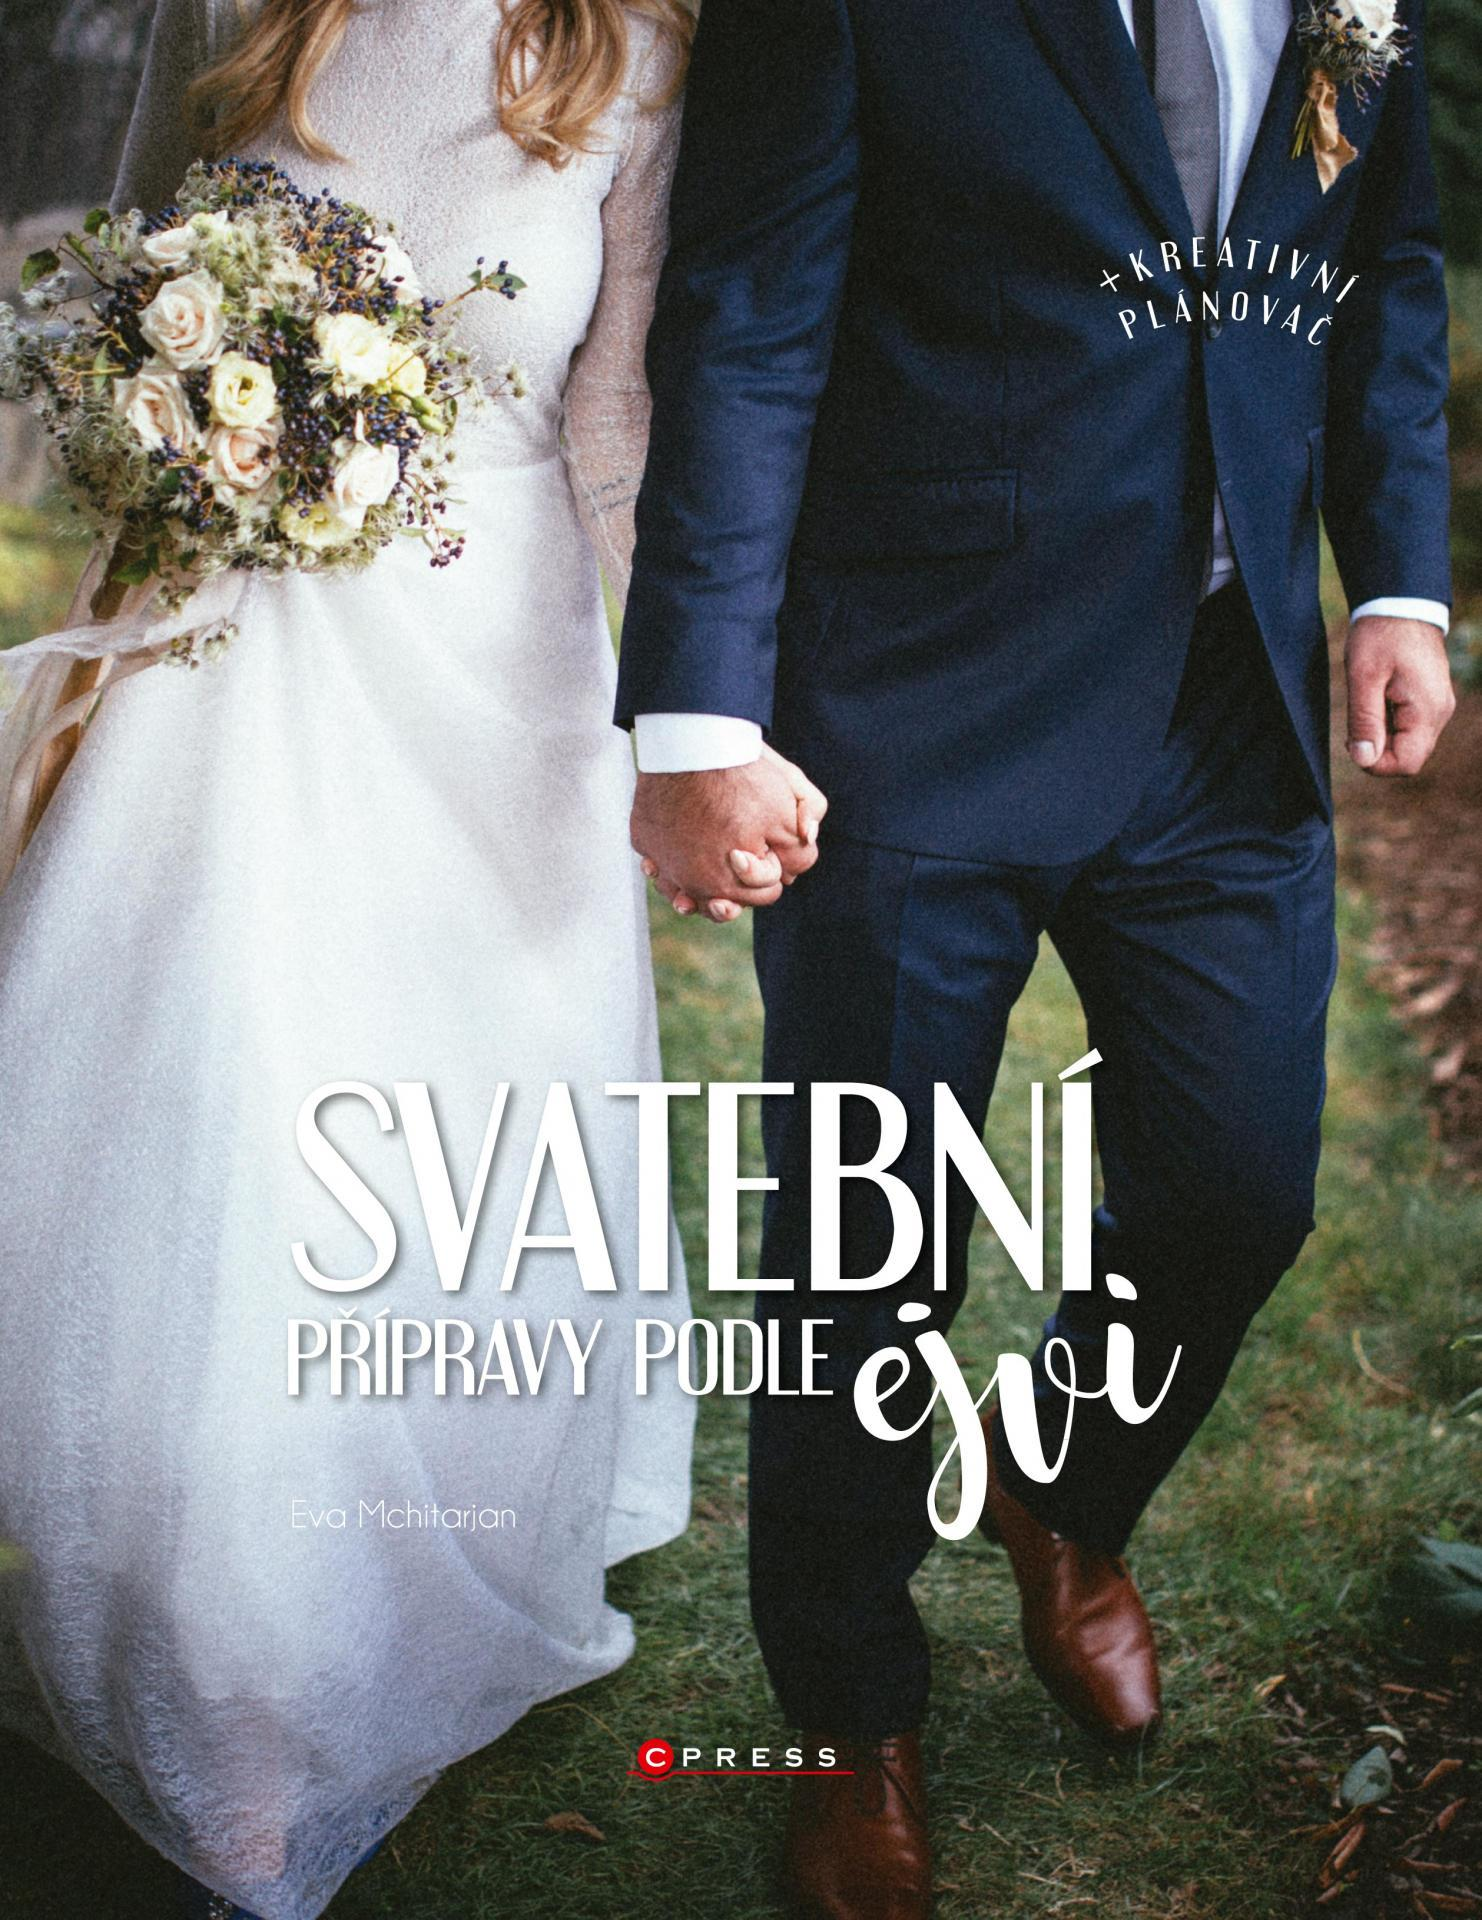 Svatební přípravy podle Ejvi - Eva Mchitarjan